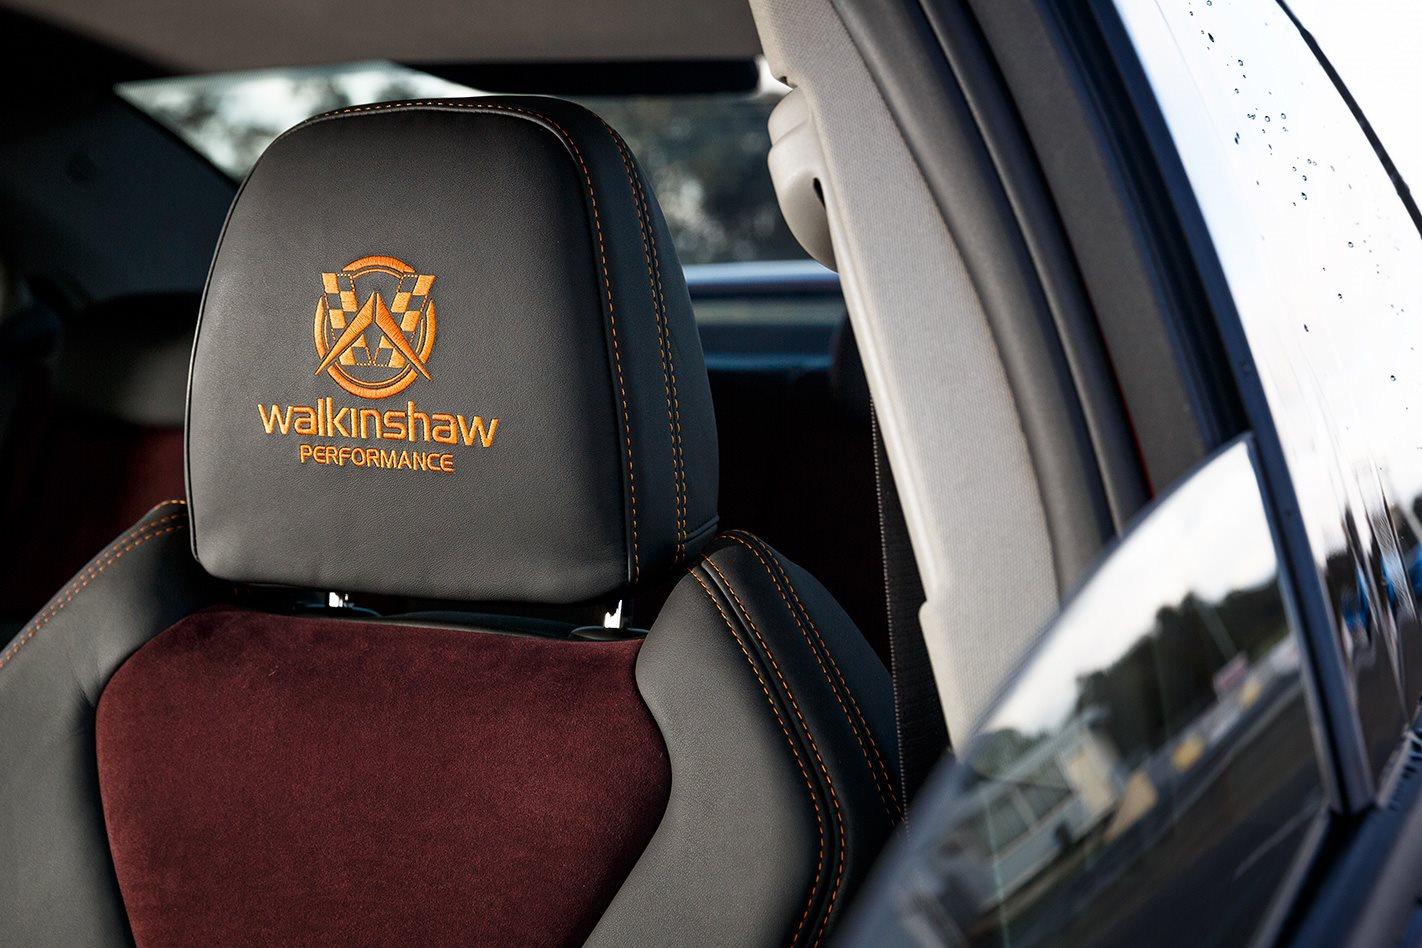 2017 Walkinshaw W557 review